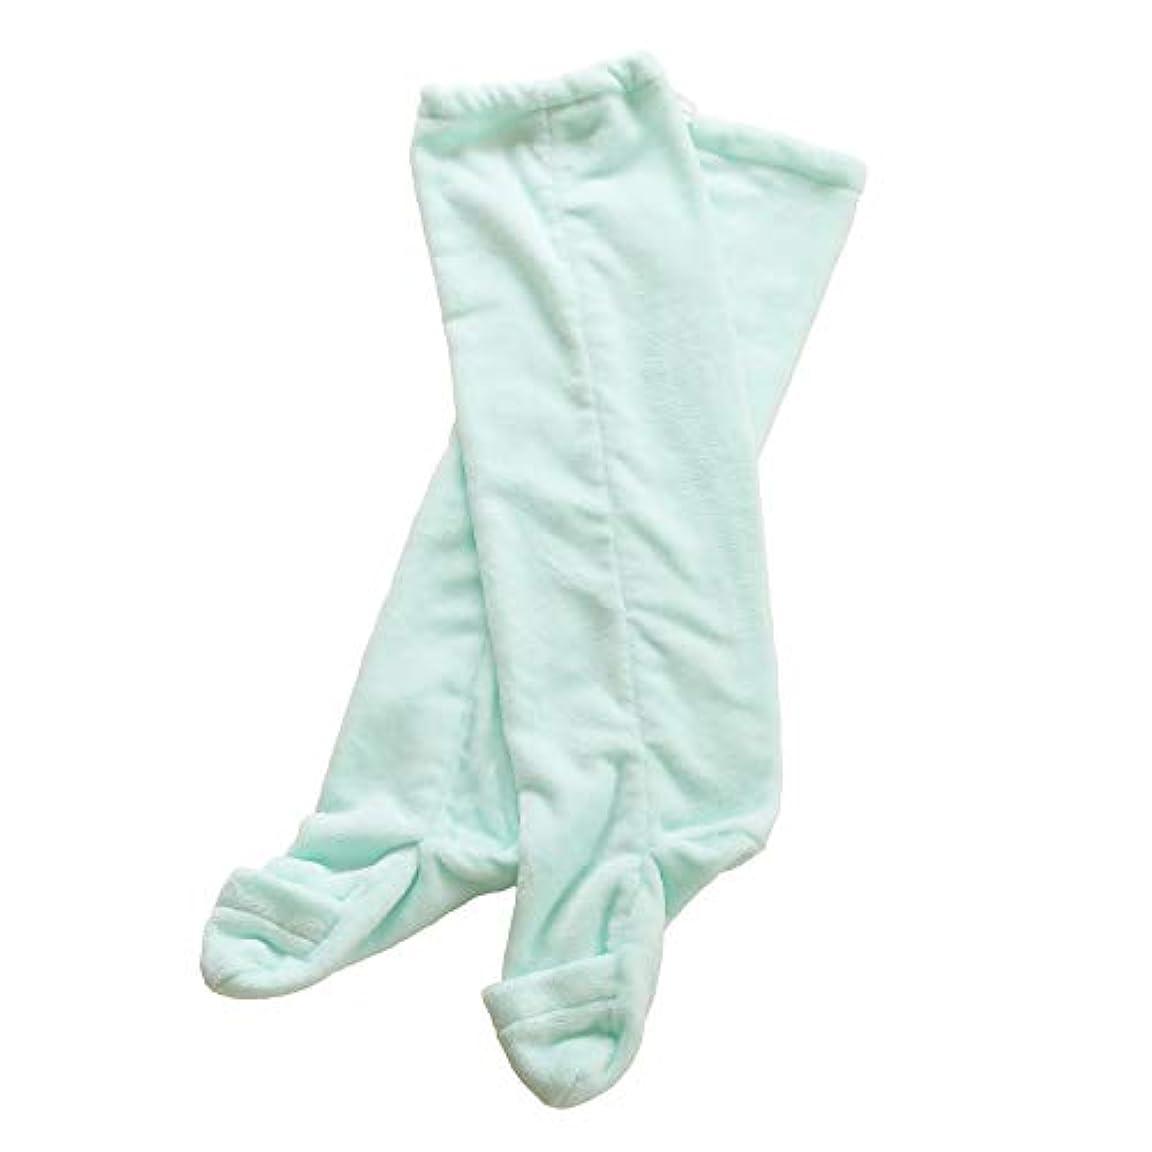 コミュニケーション北へスラッシュあったか ルームソックス 極暖 足が出せるロングカバー レッグウォーマー 冷え取り靴下 履く毛布